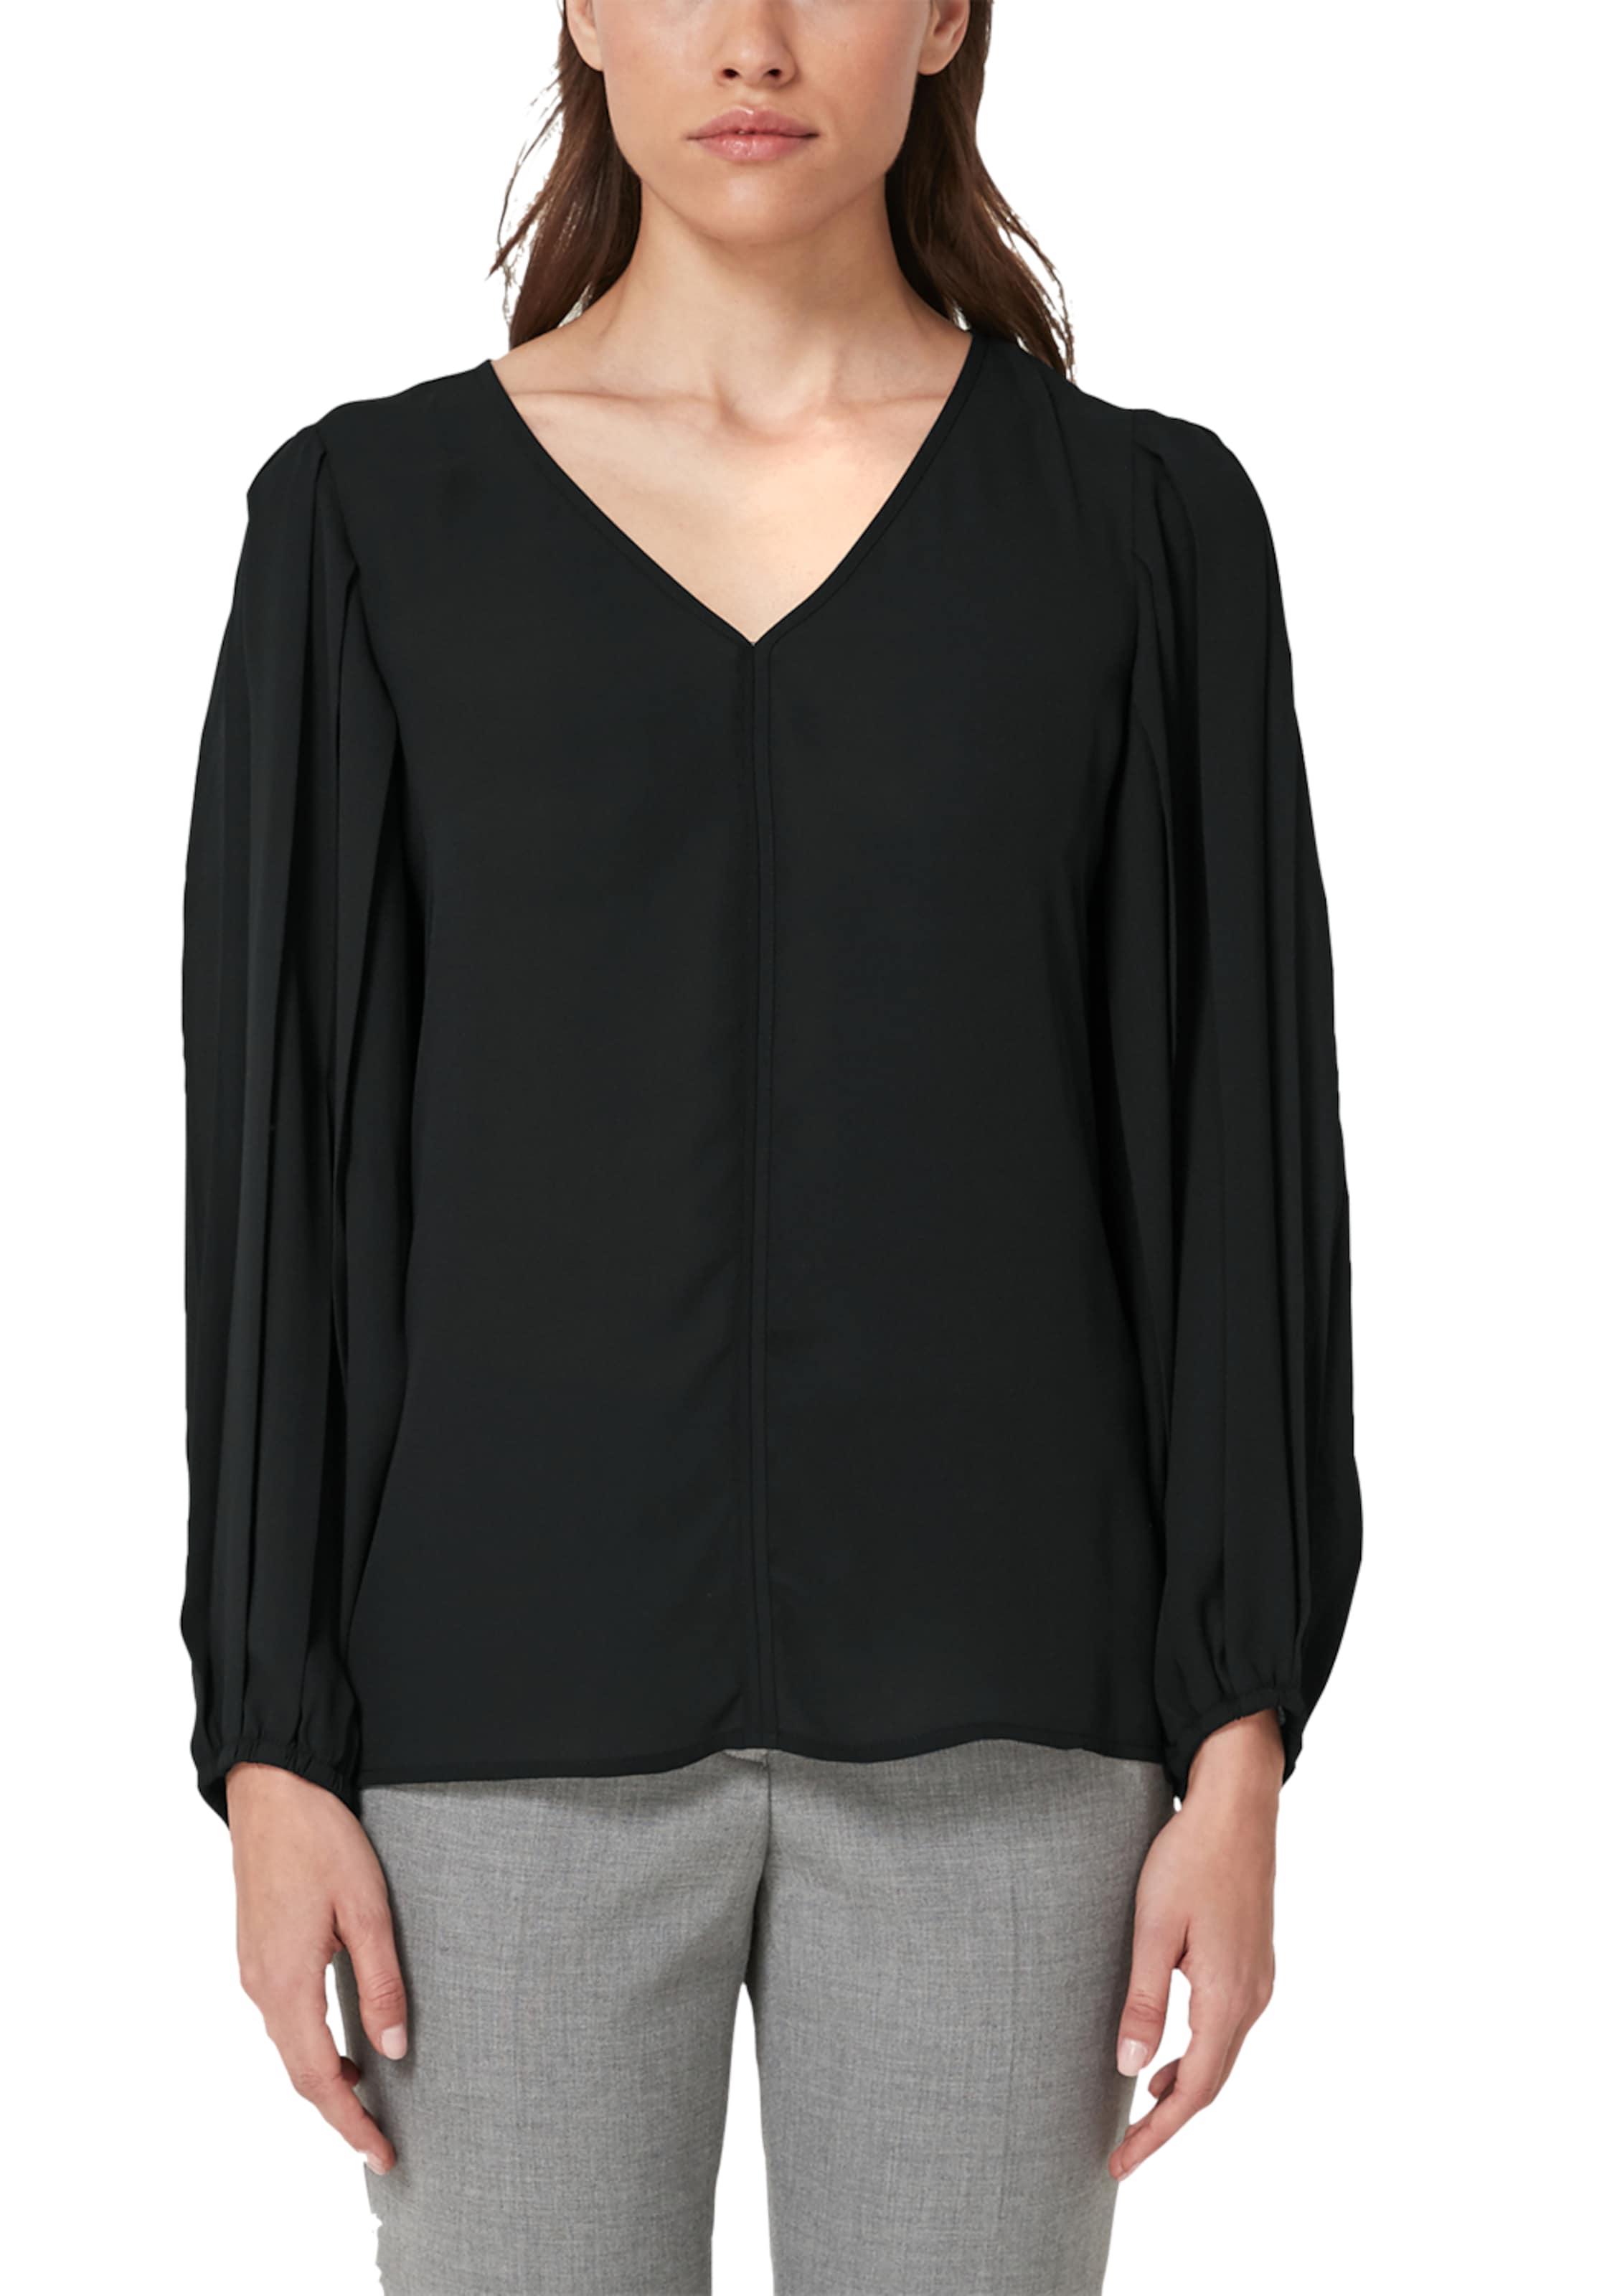 oliver S Schwarz Bluse Label Black In F1JcTlK